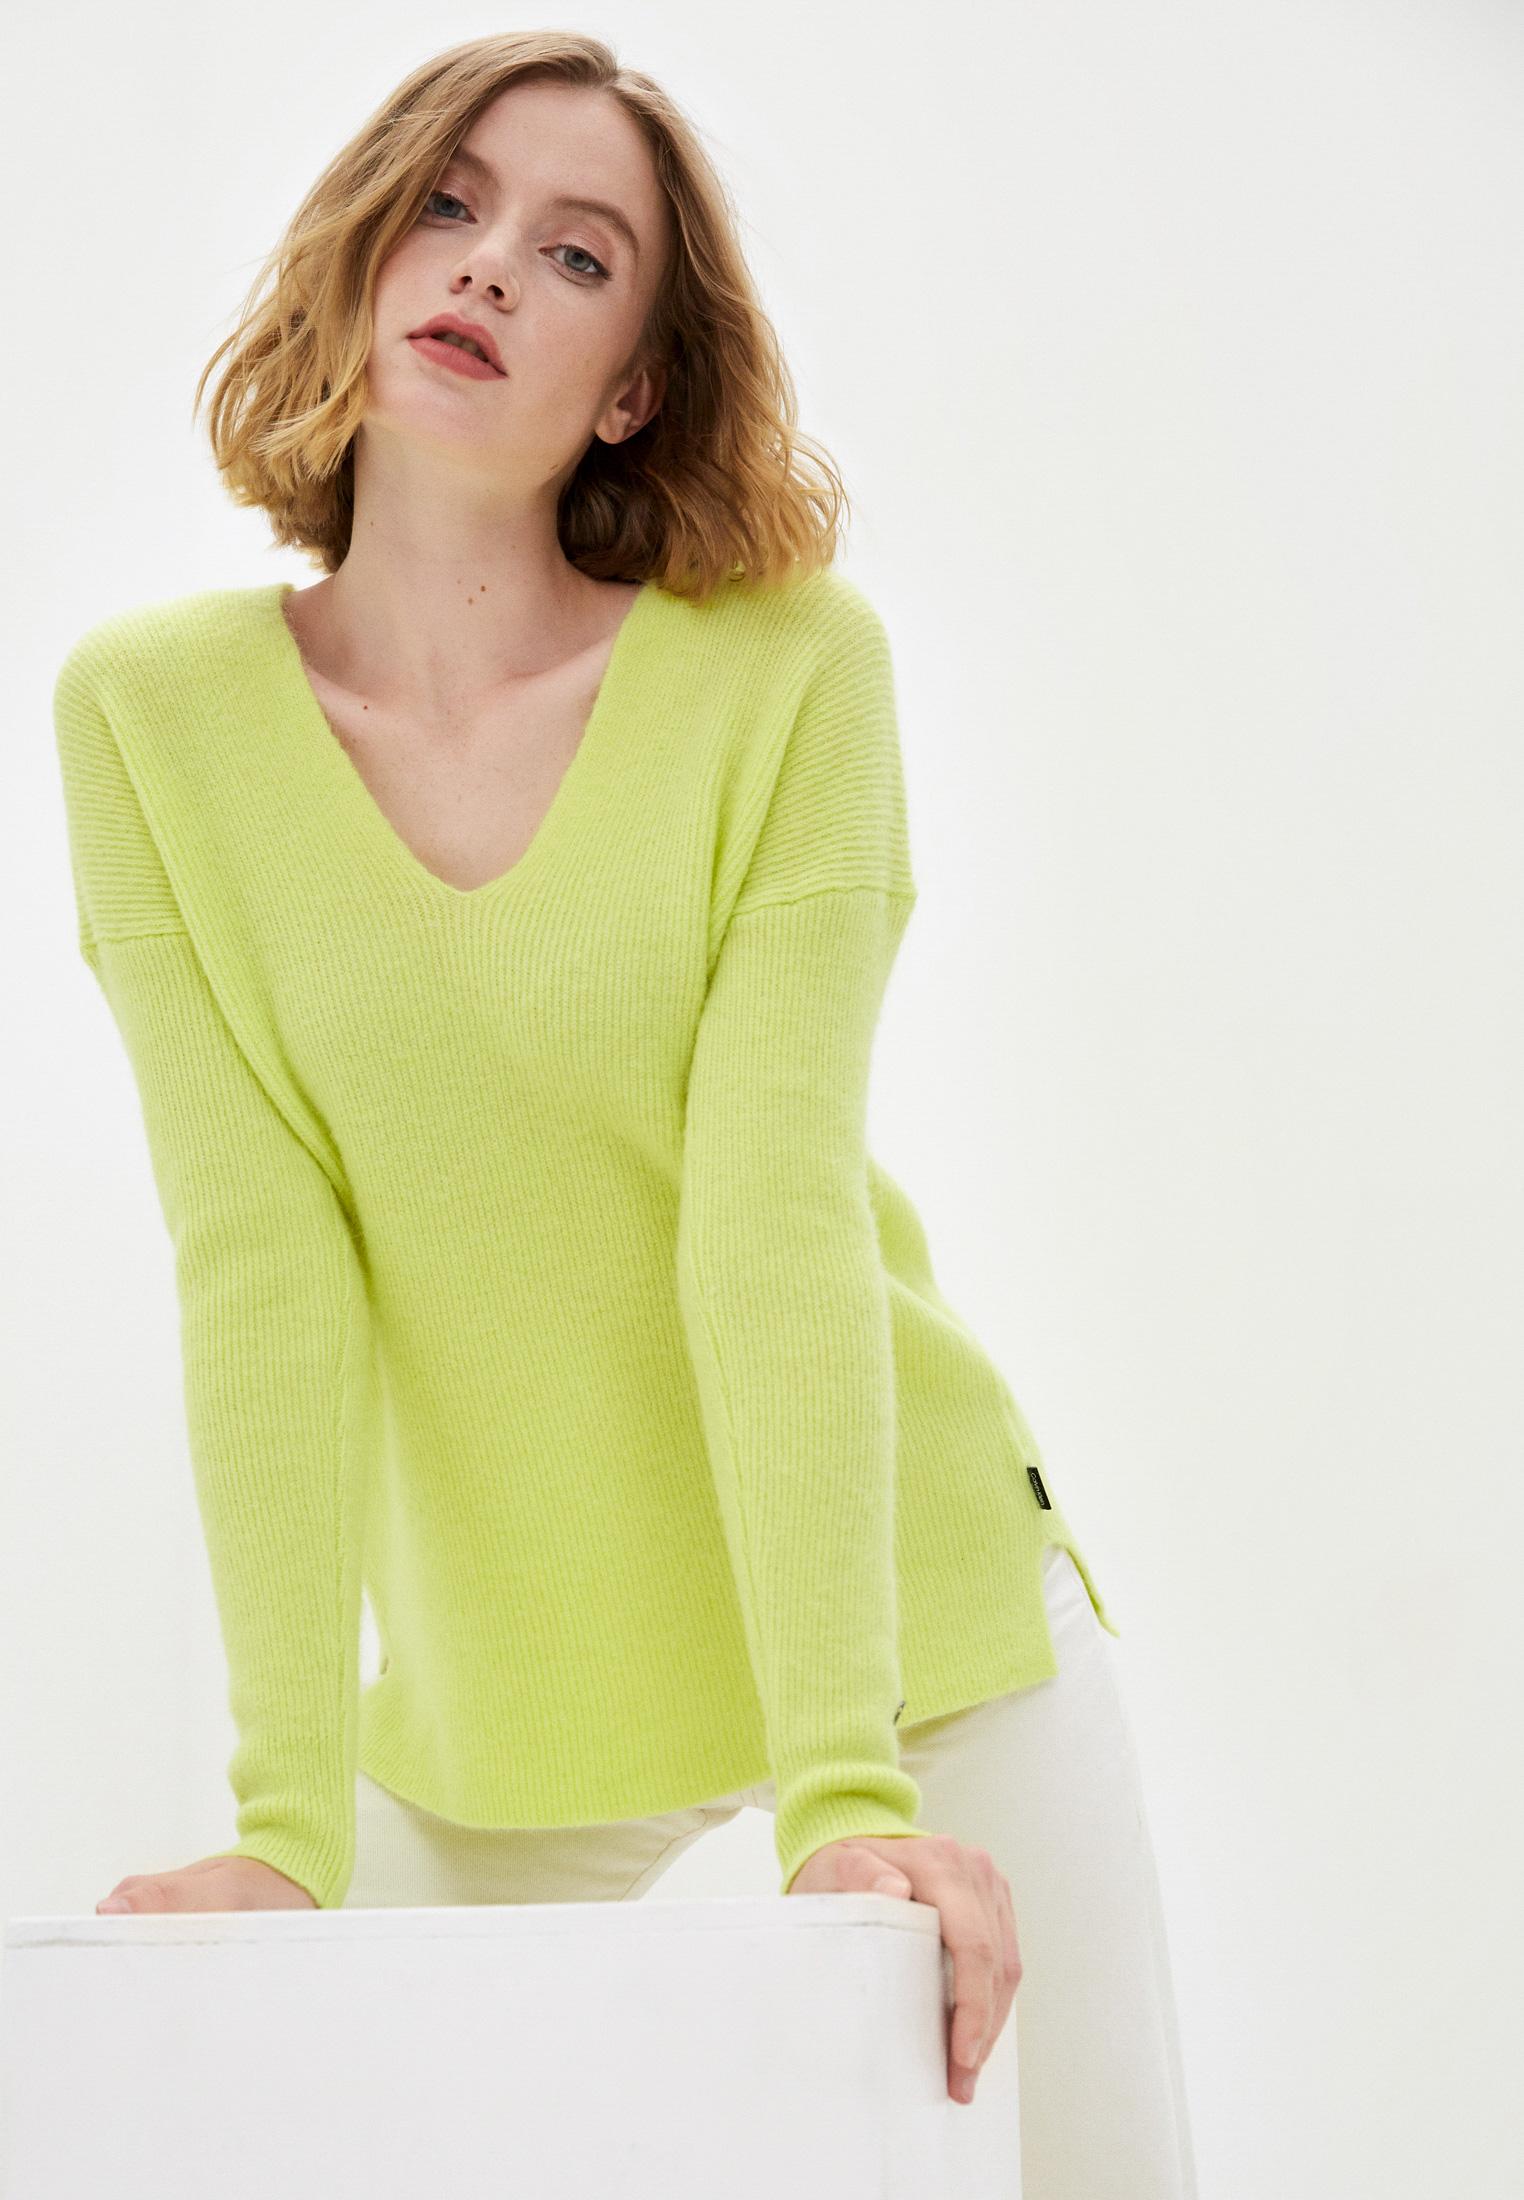 Пуловер Calvin Klein (Кельвин Кляйн) Пуловер Calvin Klein